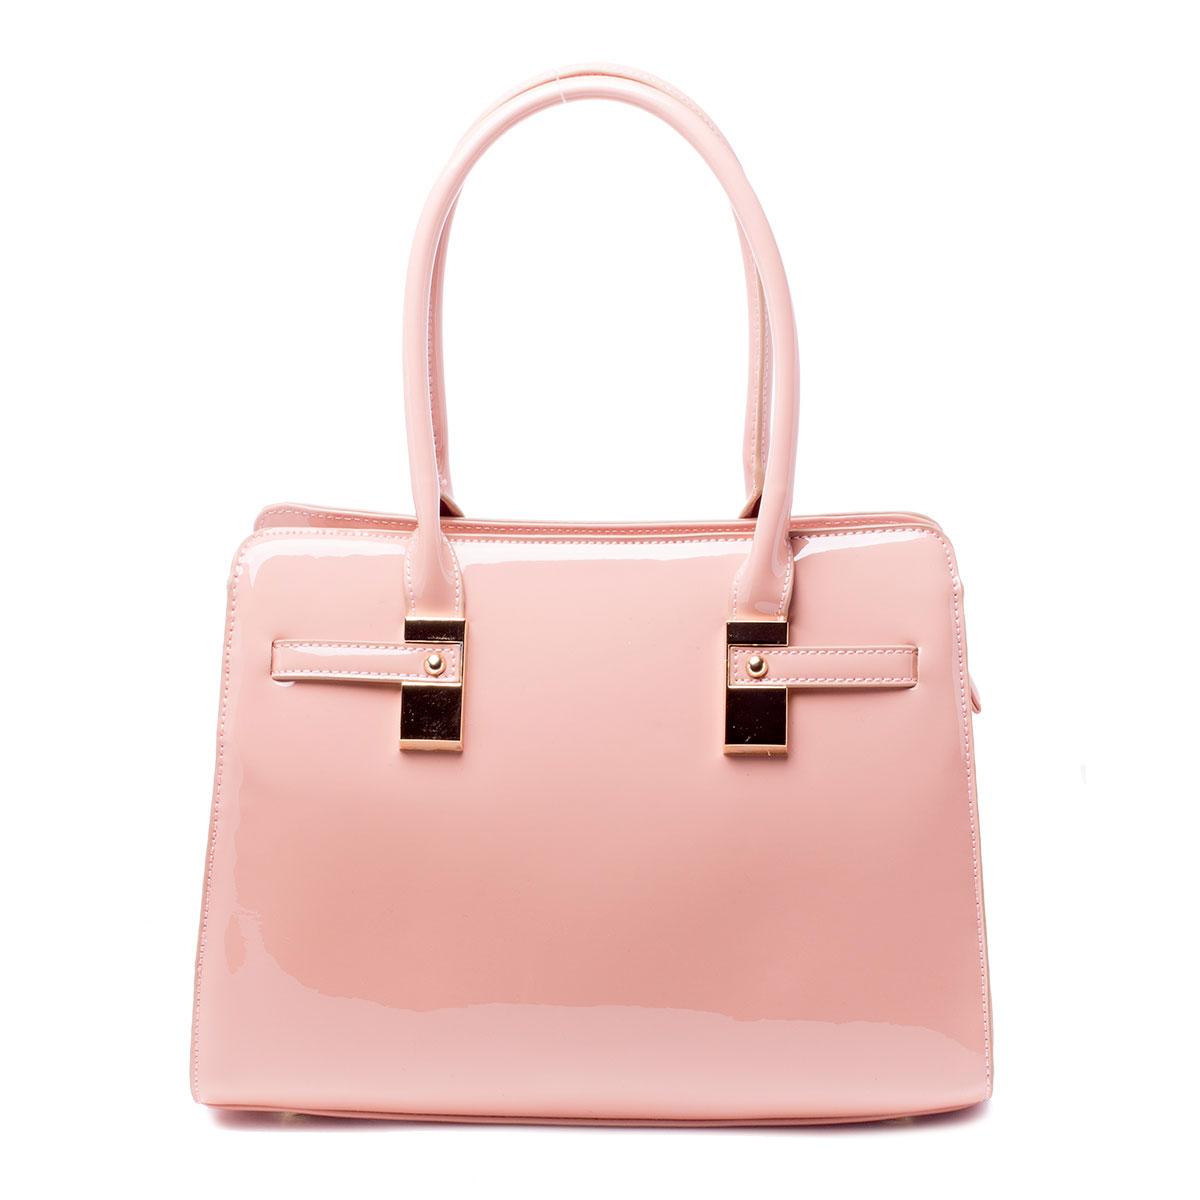 Сумка женская Baggini, цвет: розовый. 35605/6335605/63Сумка жен., иск. кожа